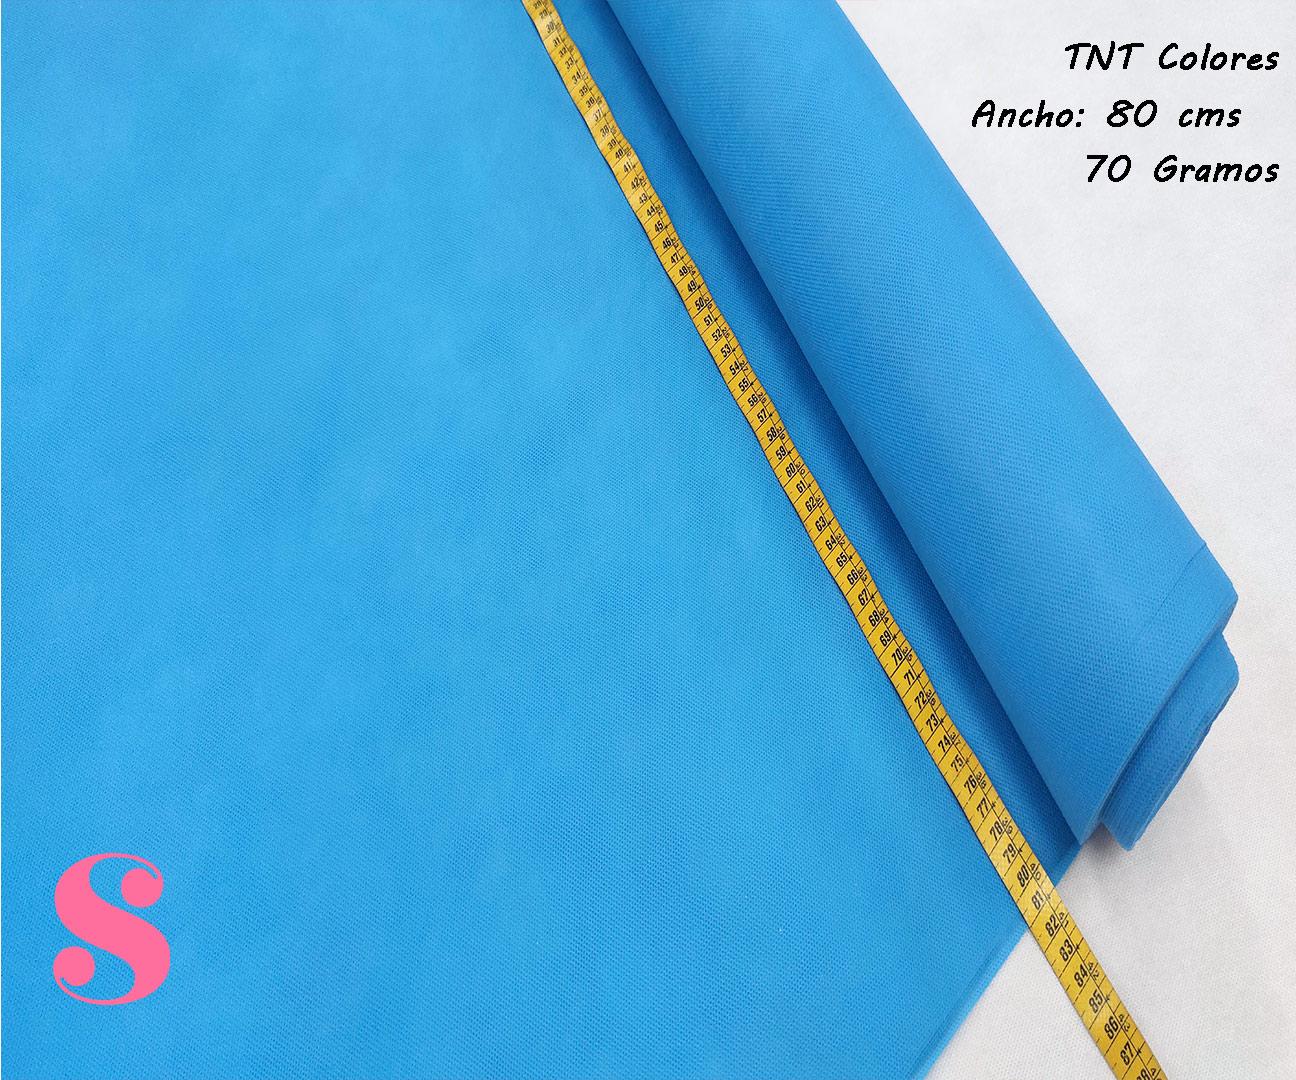 Rollo 25 METROS Tela TNT Azul Pitufo,Tela TNT es el tejido que estas buscando, te lo mandamos a casa en 24/48h. Ideal para elaboracion de mascarillas, Disfraces... 5 METROS Tela TNT Amarillo,tnt-azul-pitufo-tejido-no-tejido-proteccion-virus-seguro